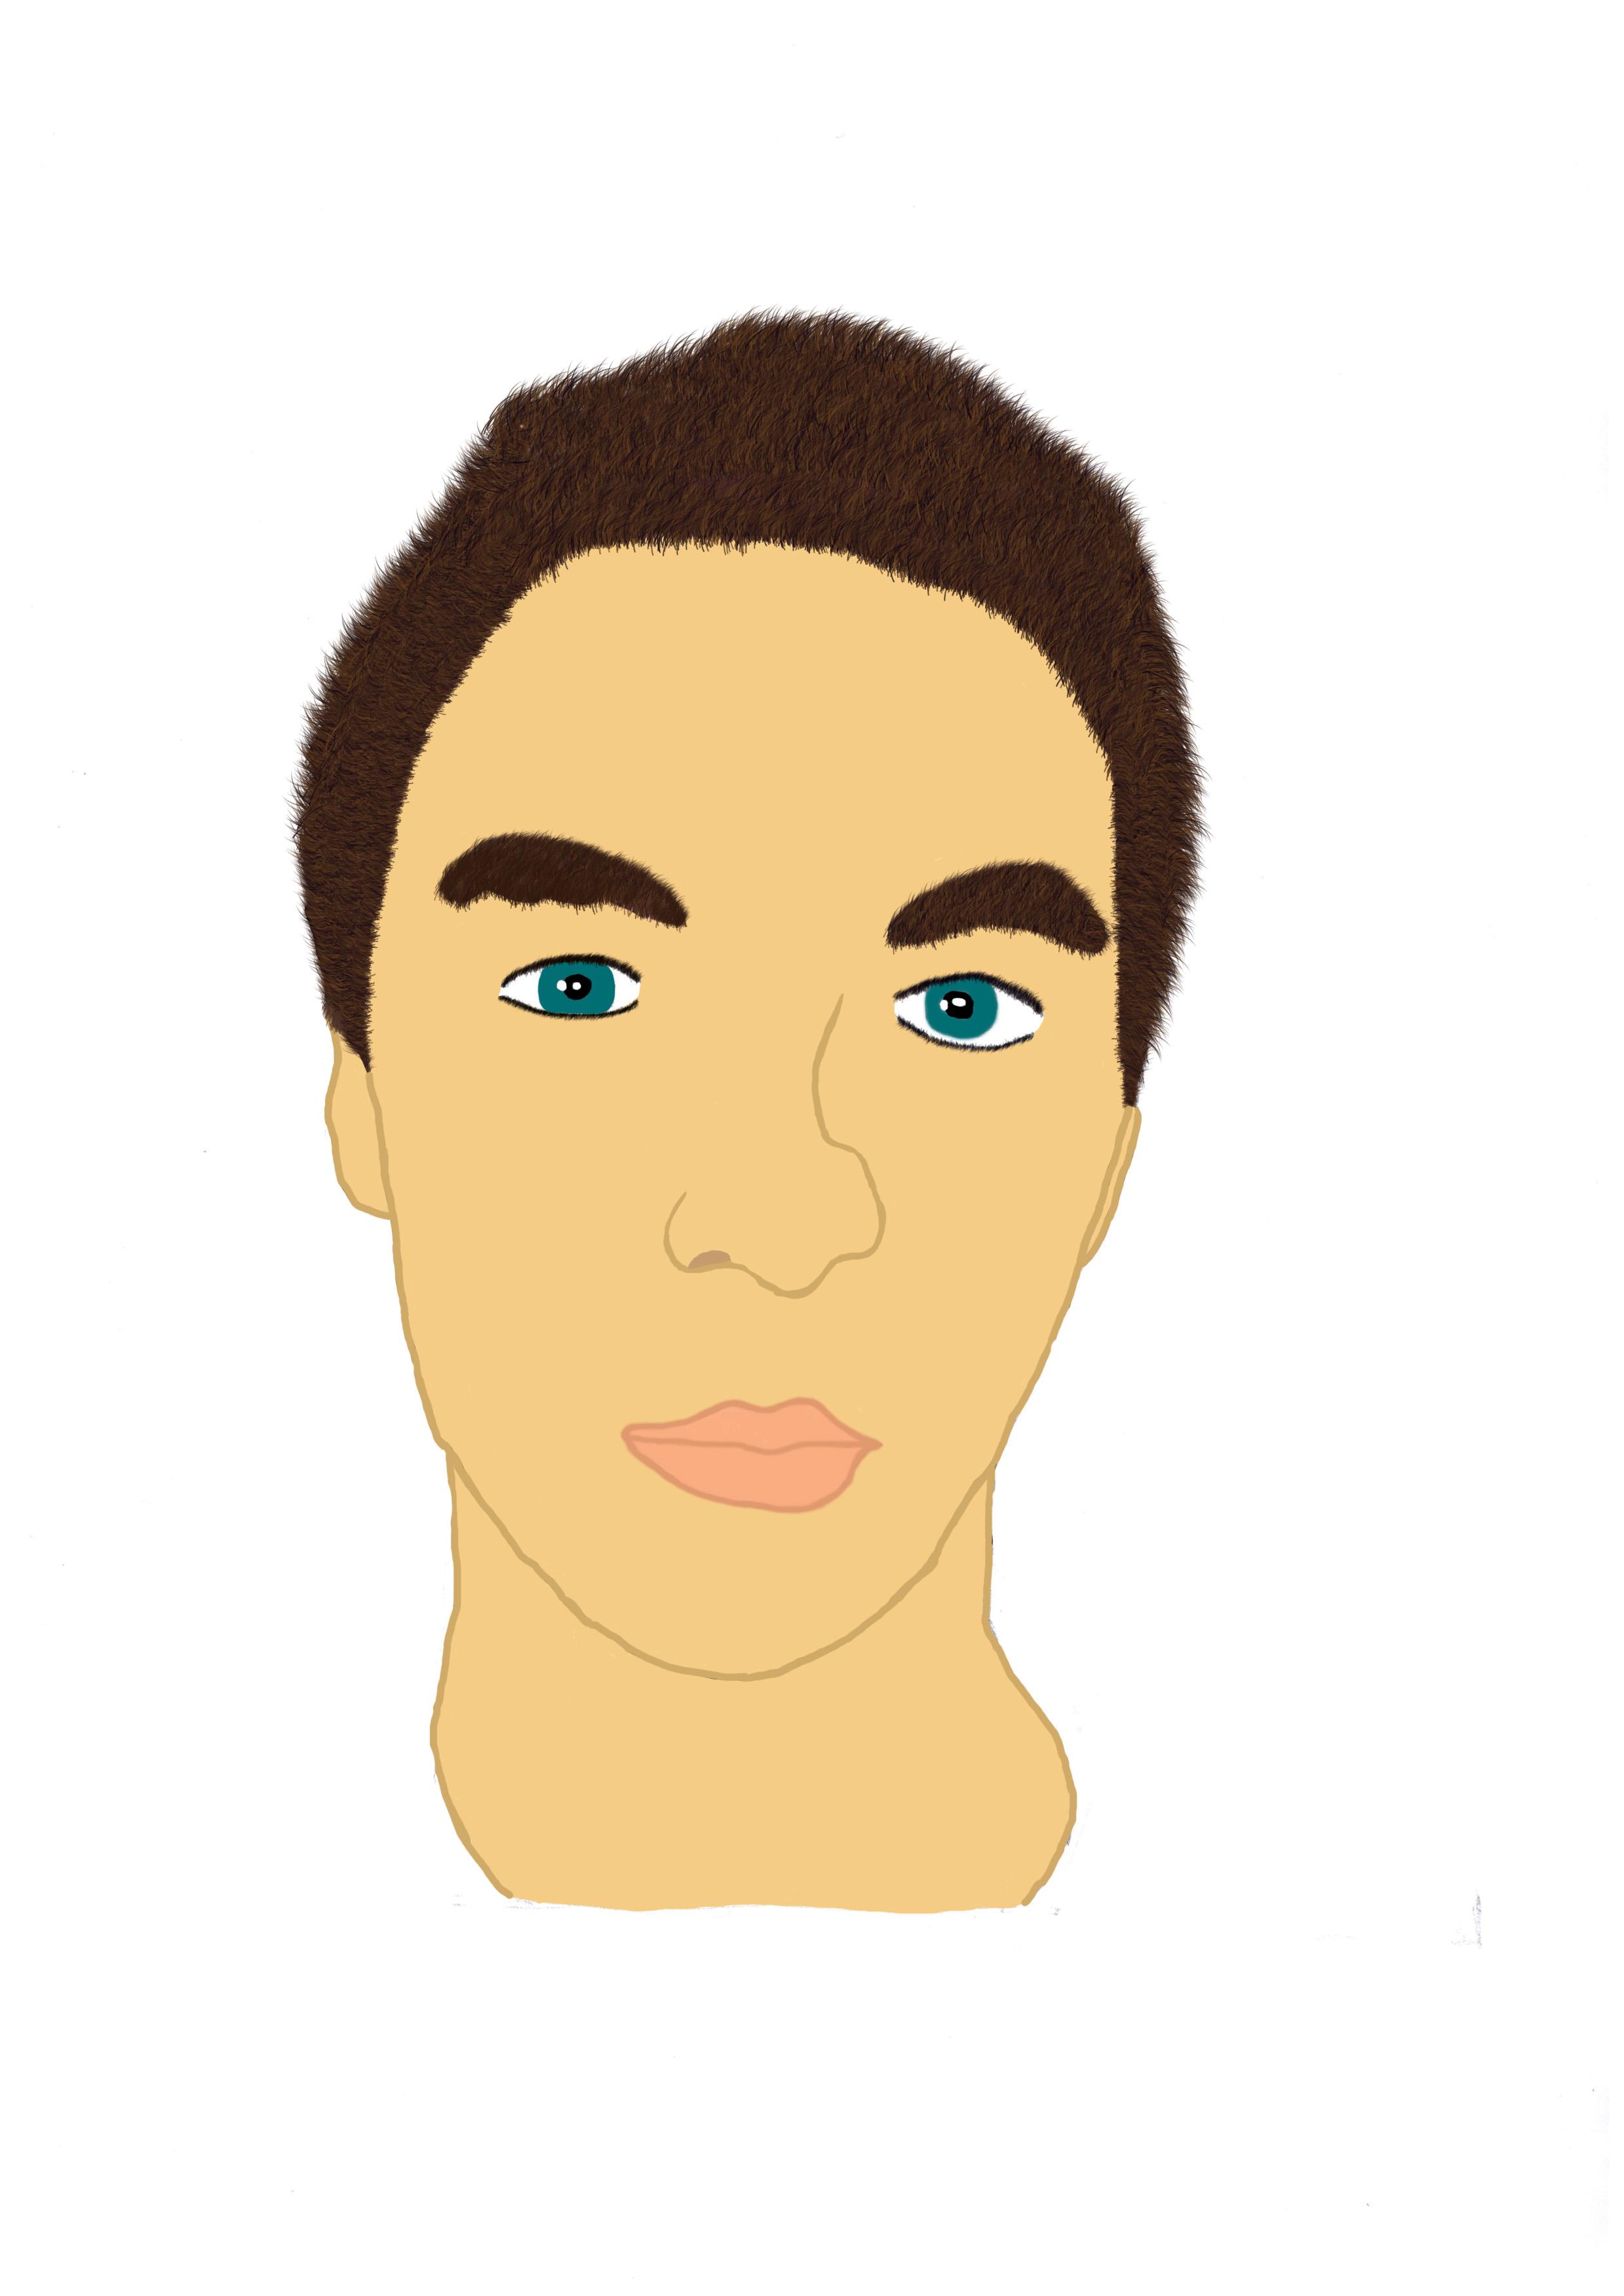 Jacksepticeye Drawing By Datsmexyunitato Jacksepticeye Drawing By  Datsmexyunitato